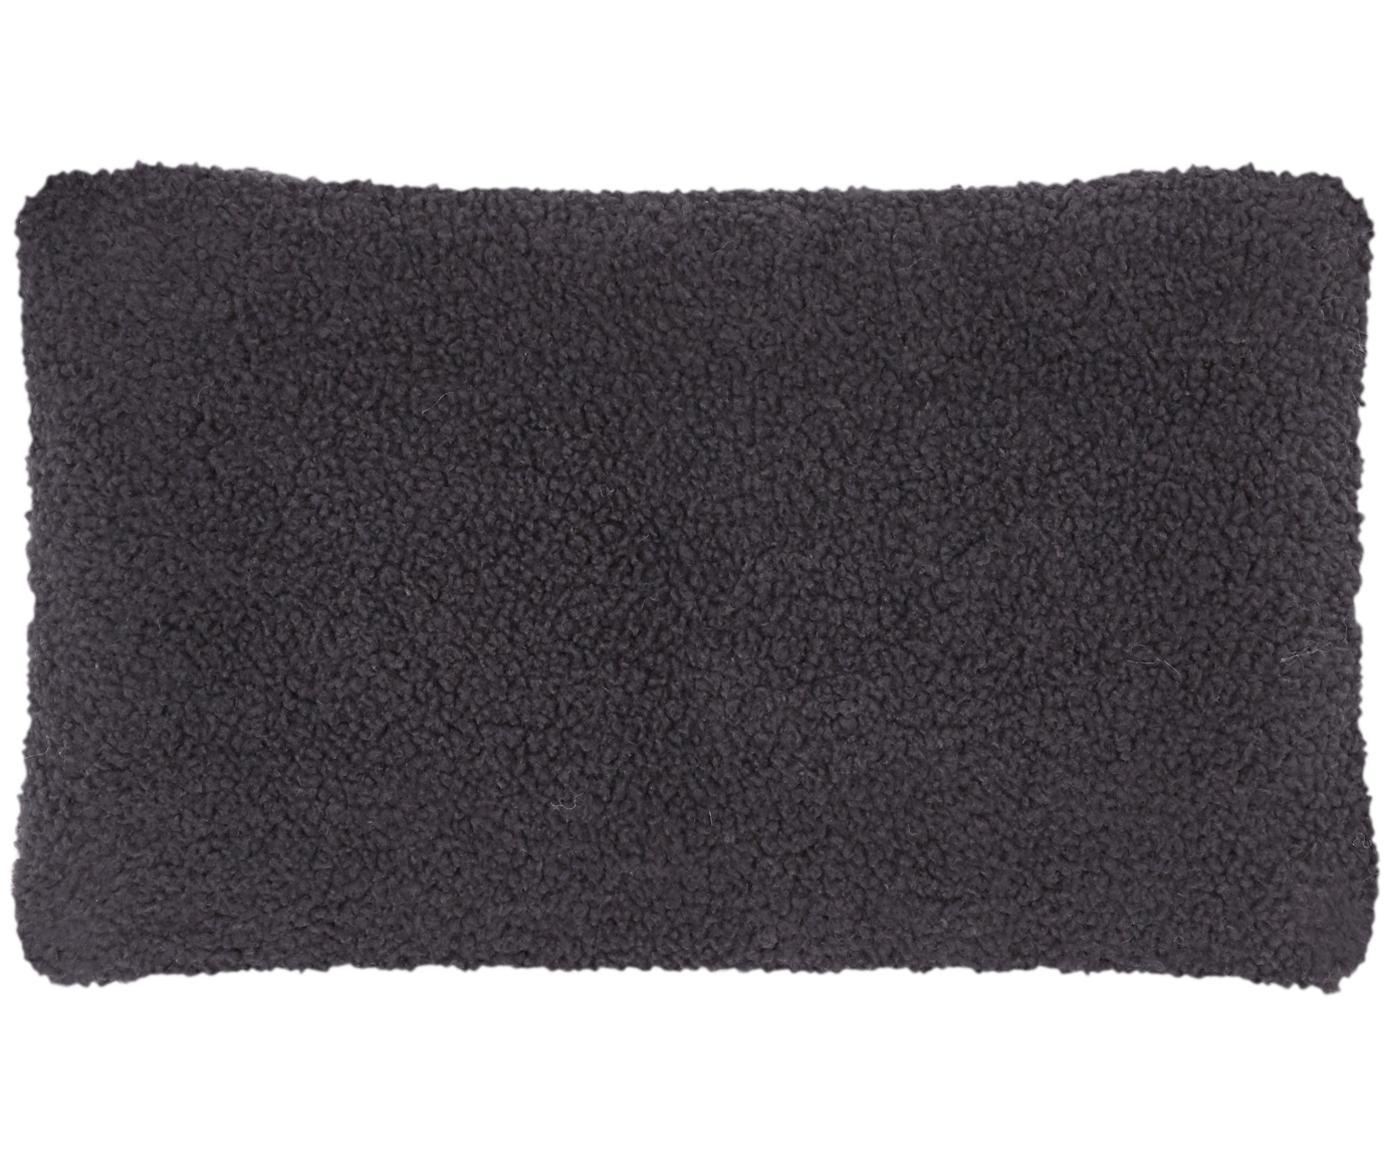 Funda de cojín de borreguillo Mille, Parte delantera: 100%poliéster (borreguil, Parte trasera: 100%poliéster (borreguil, Gris oscuro, An 30 x L 50 cm